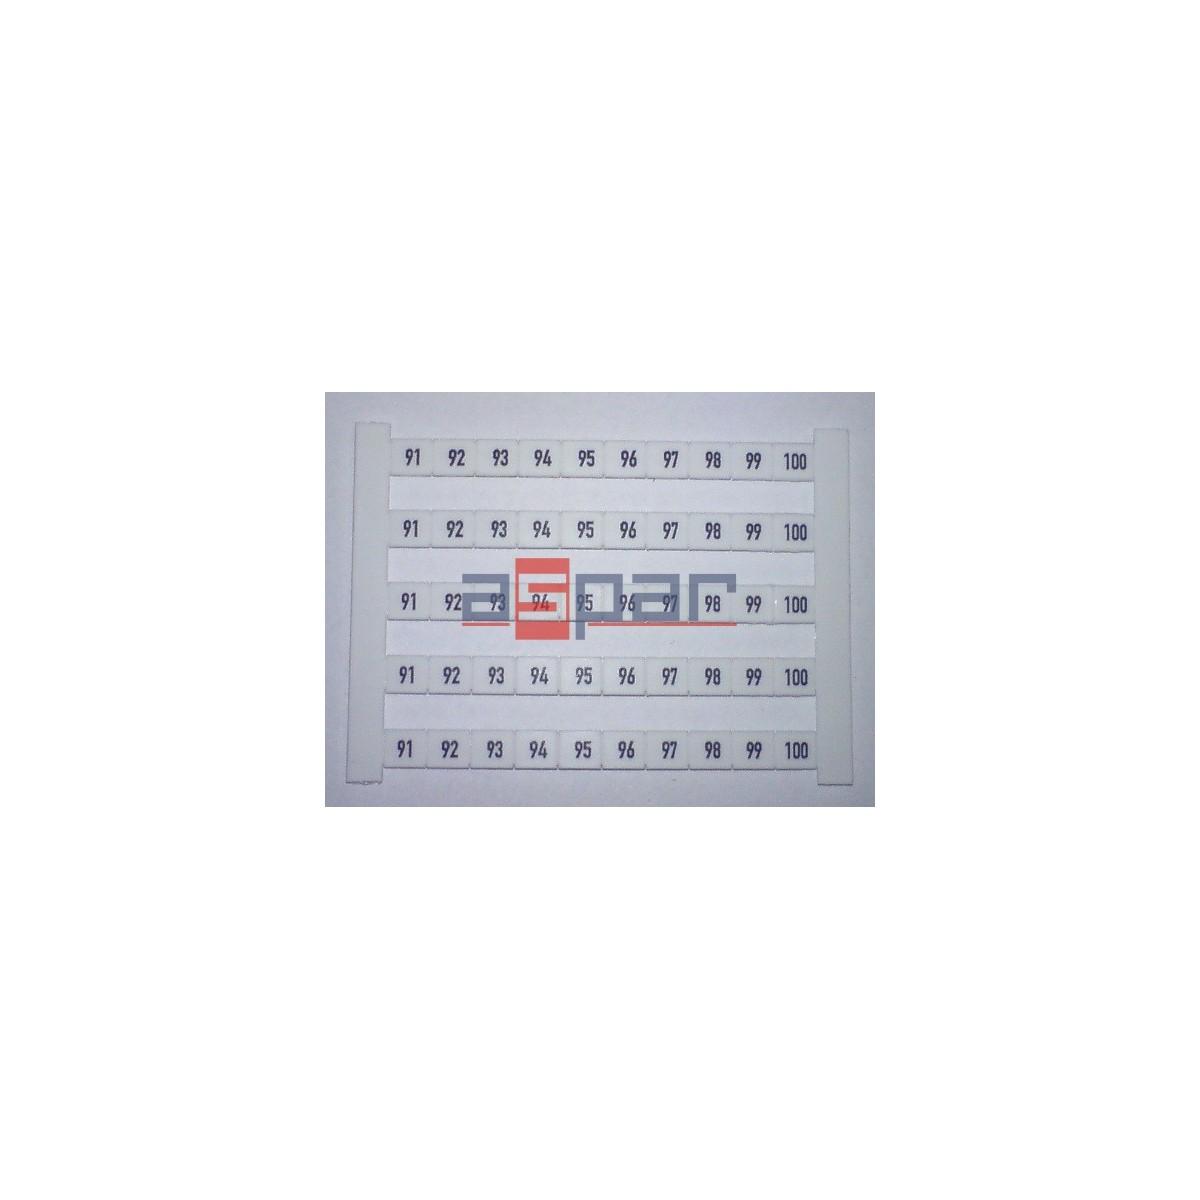 Oznacznik poziomy DEK 6 FWZ 91-100, 0518960091